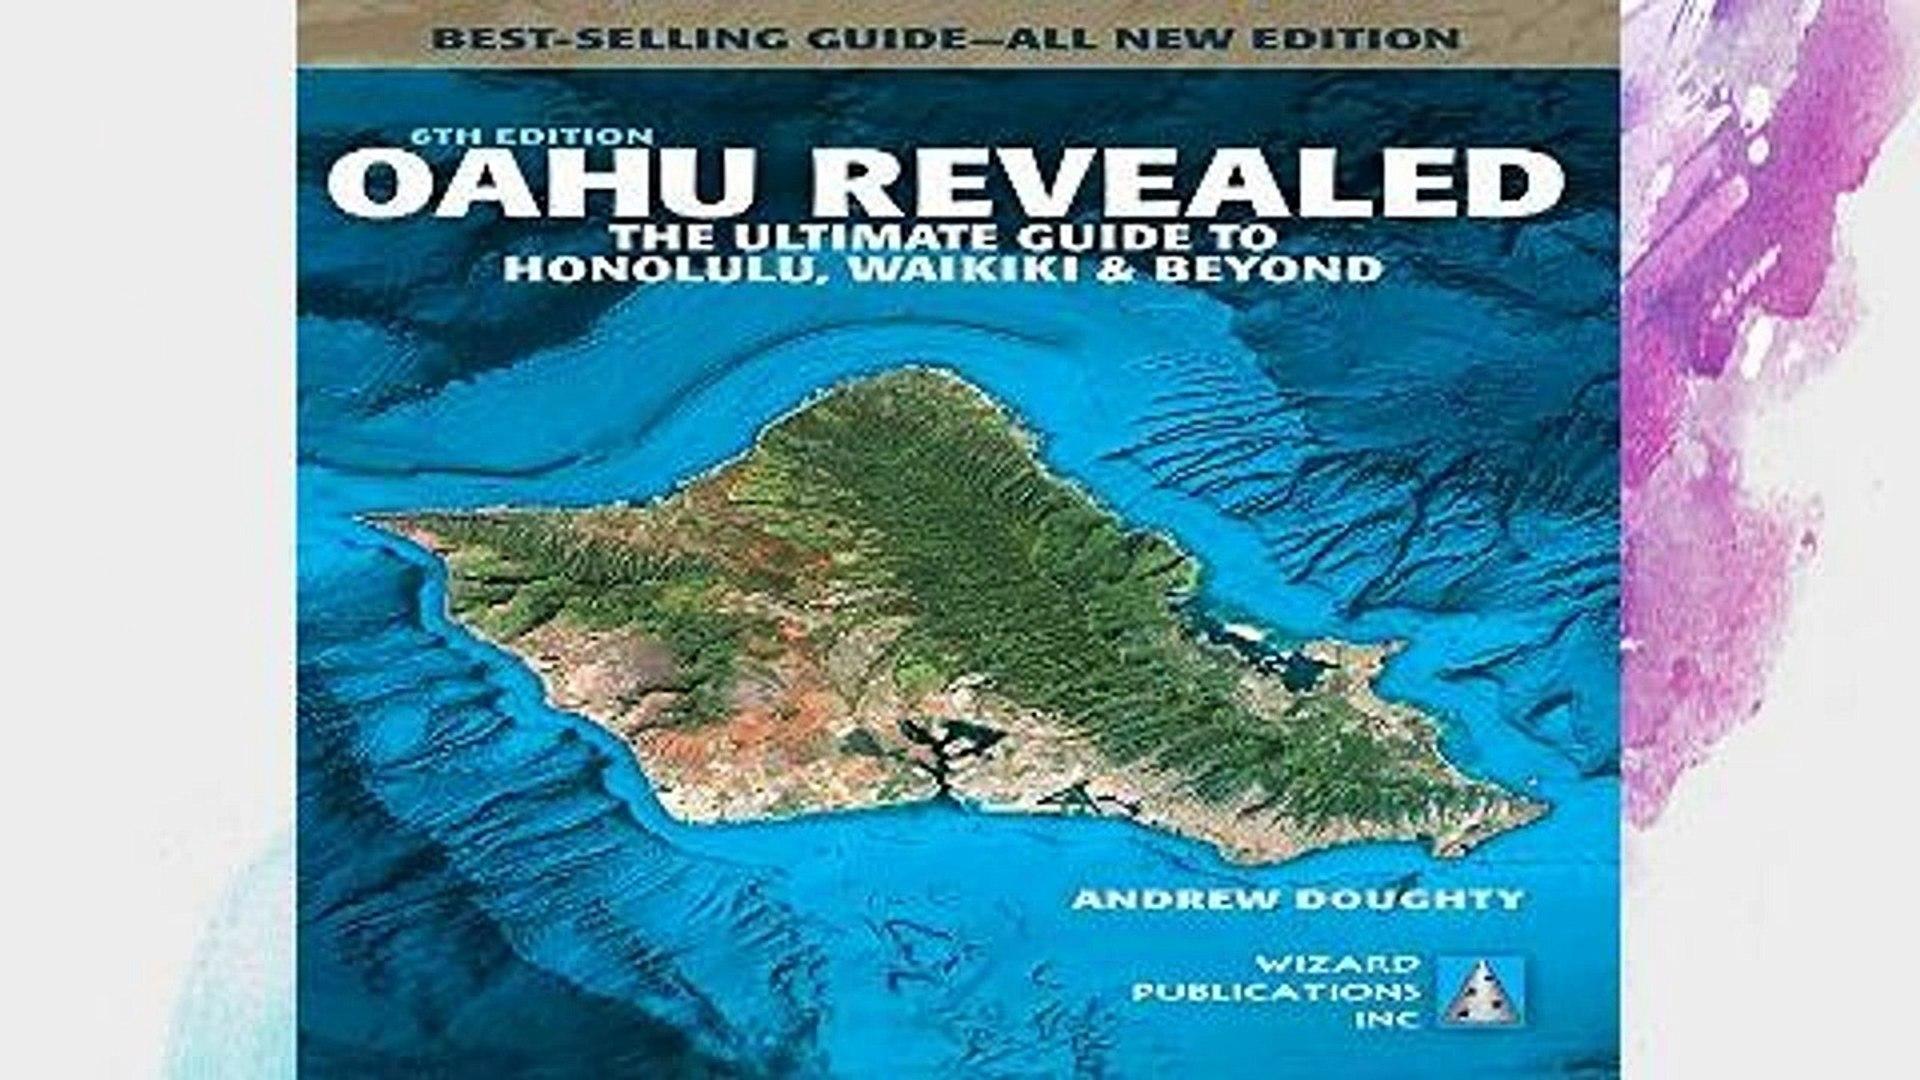 Oahu Revealed: The Ultimate Guide To Honolulu, Waikiki & Beyond (Oahu Revisited)